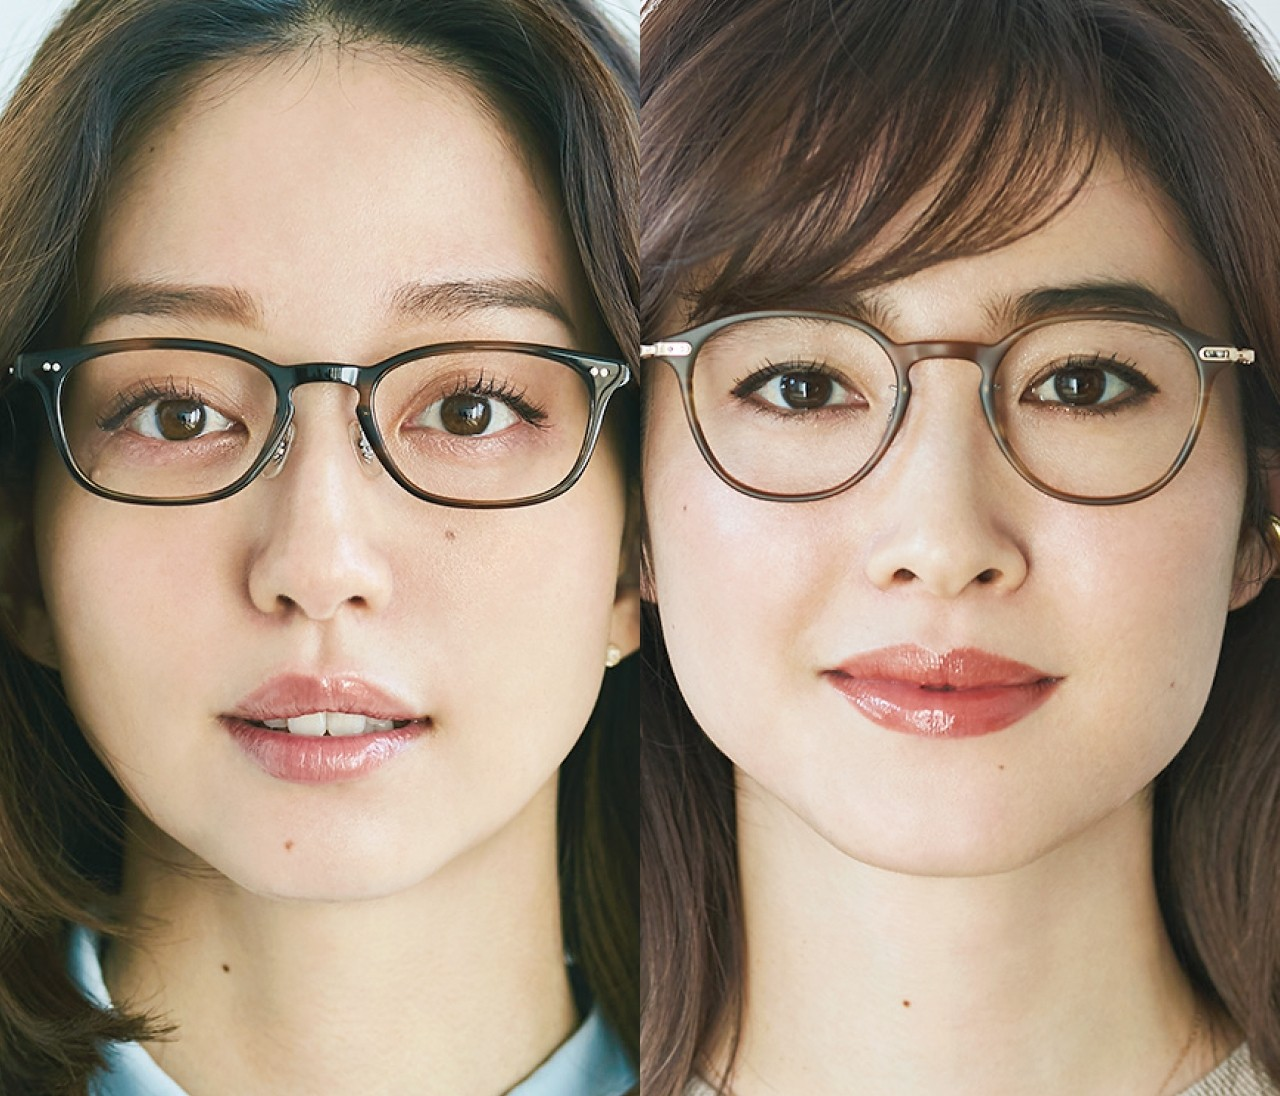 【美人メガネ】似合うメガネがわかる「大人顔or子ども顔」診断